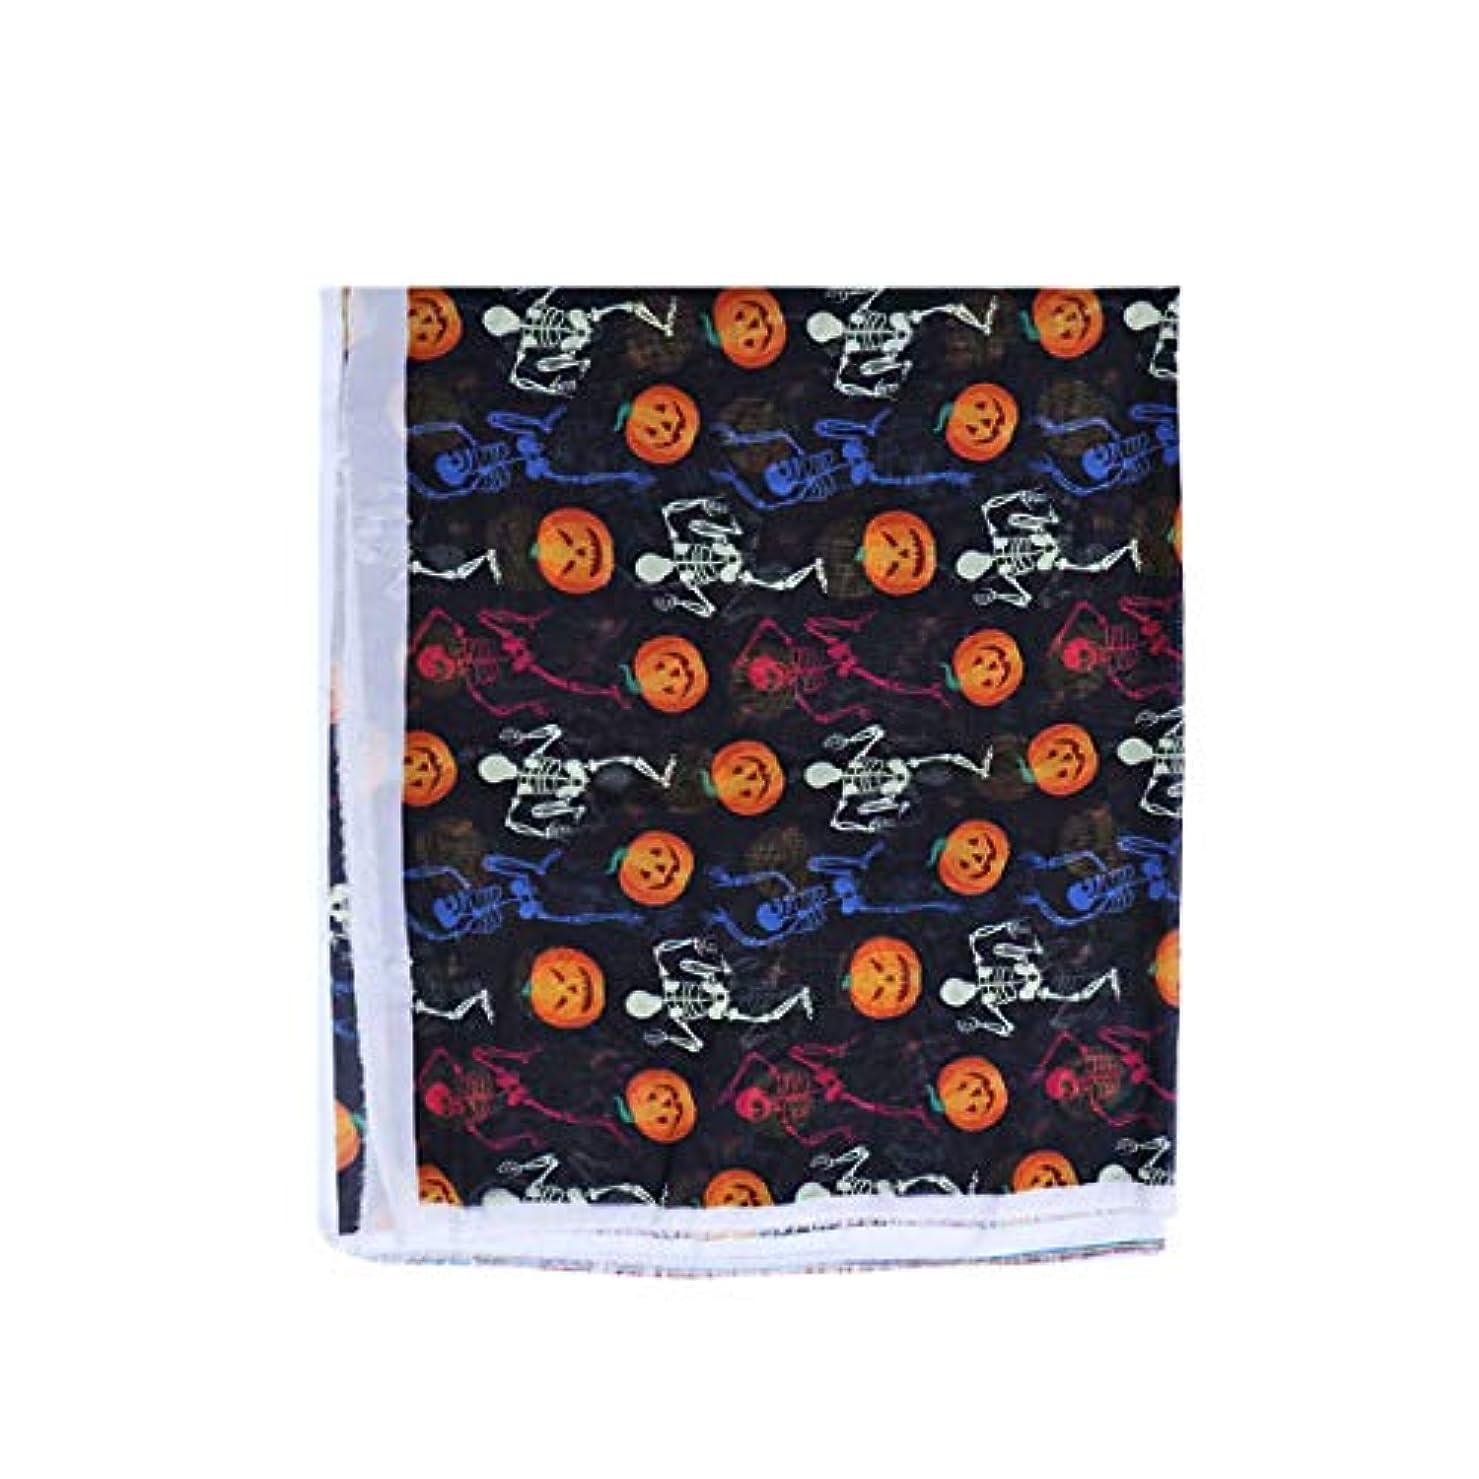 ゴミ箱を空にするインデックスほこりっぽいHealifty ハロウィーンのシフォンファブリックカボチャの頭蓋骨印刷布材料DIY服のドレスクラフト装飾アートプロジェクト